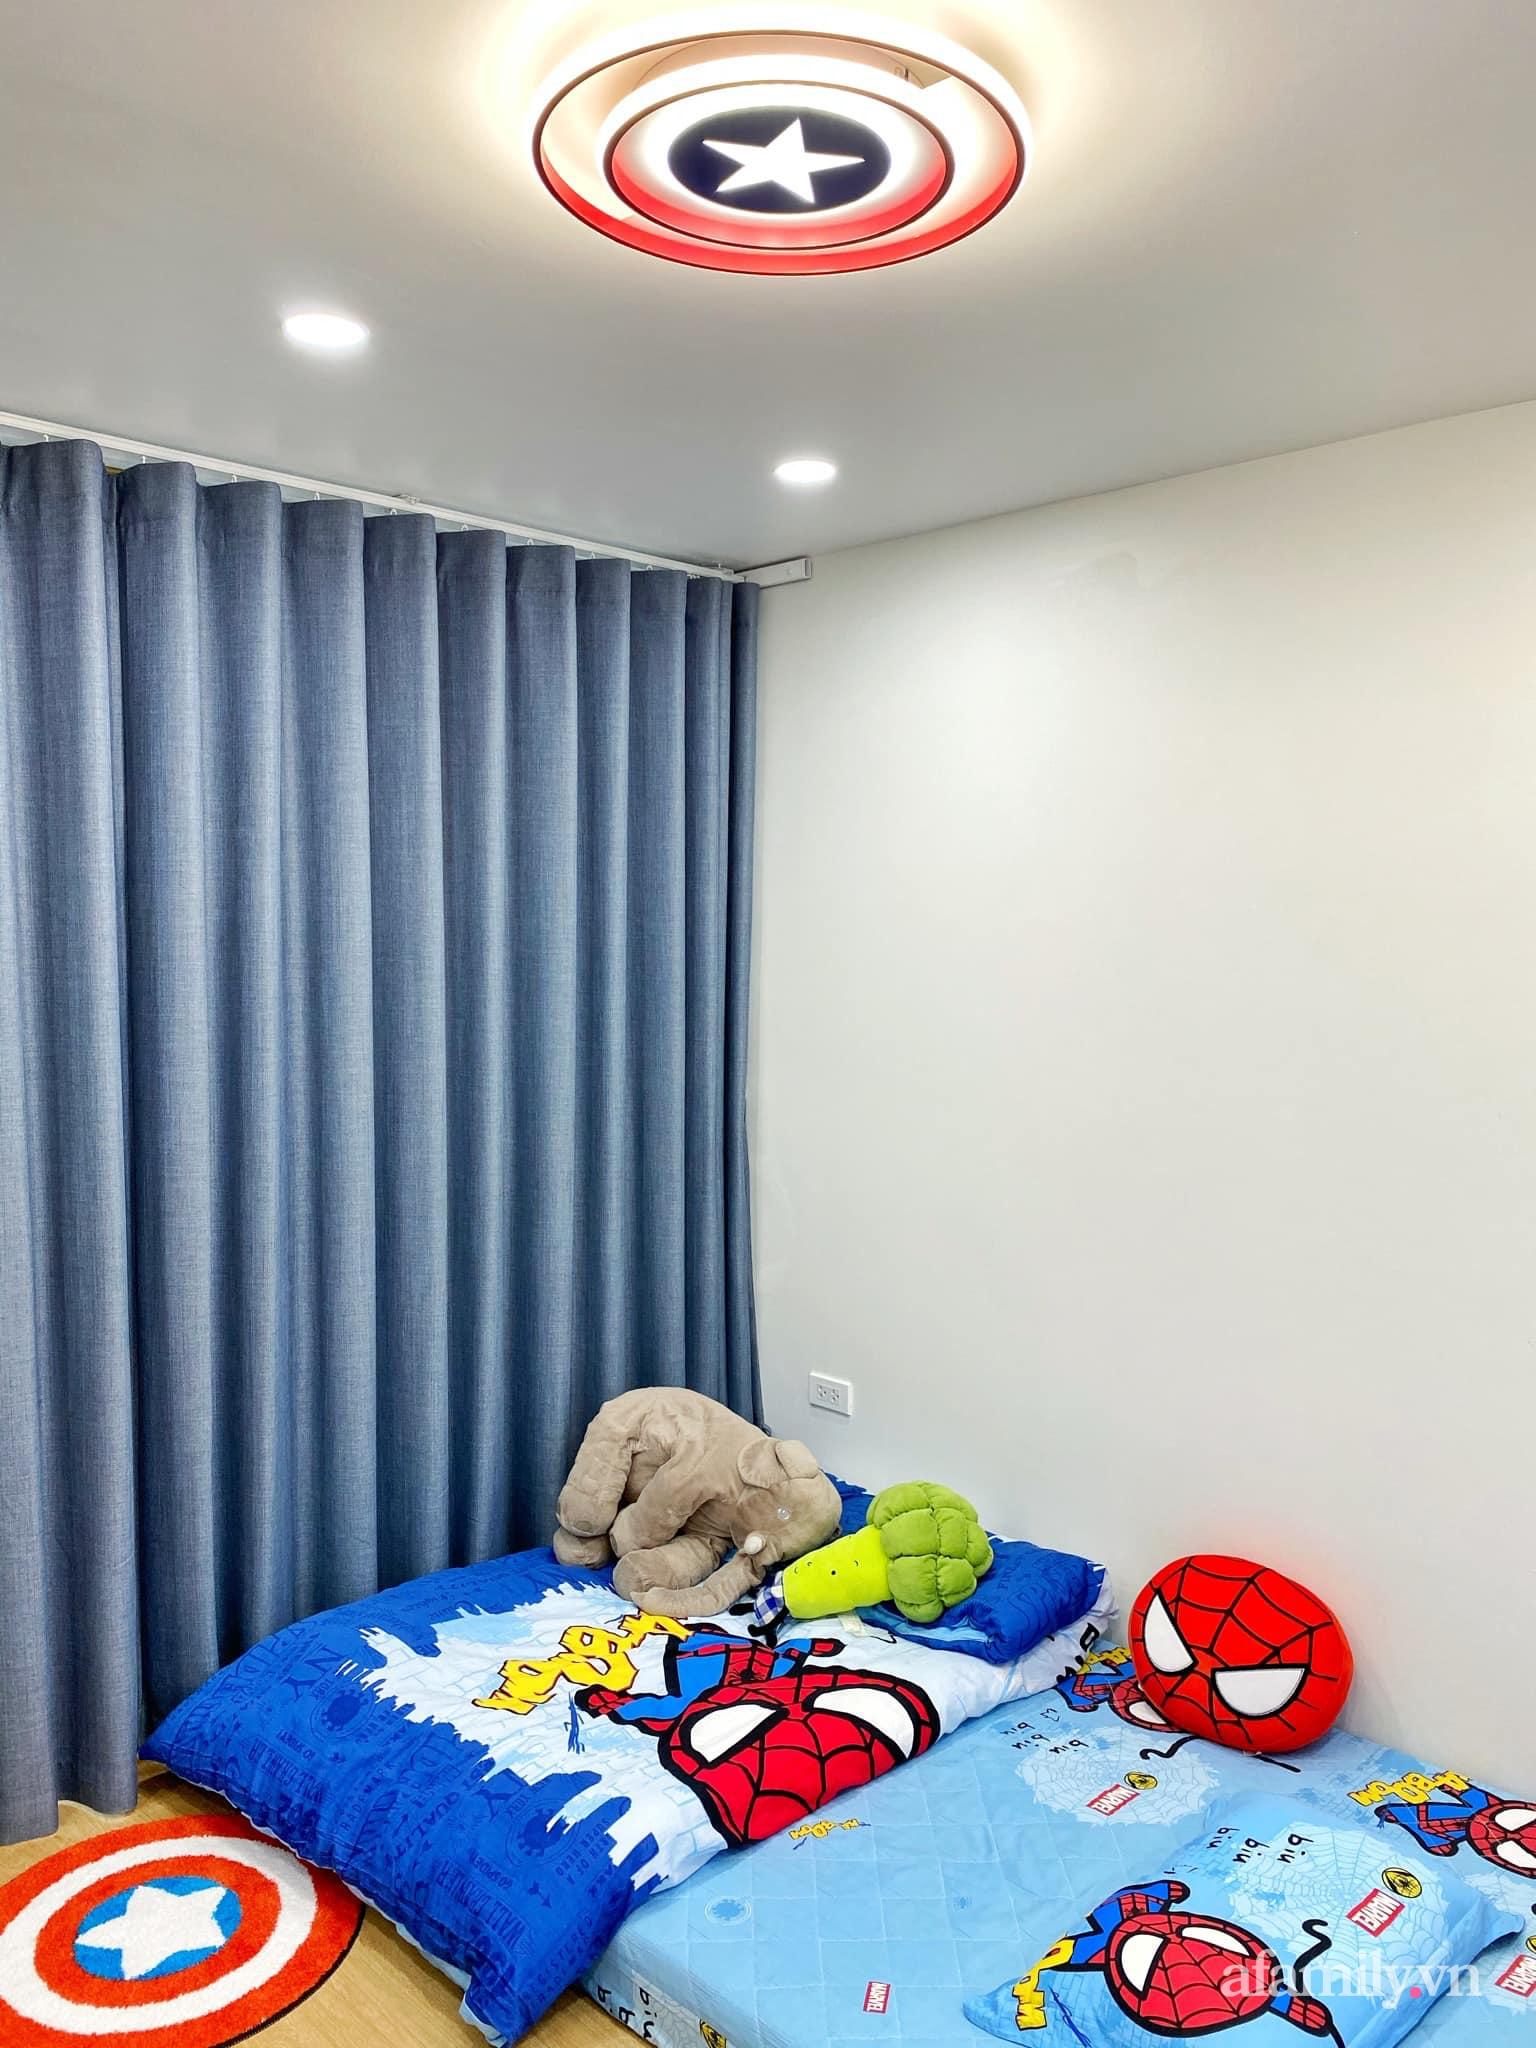 Nhà phố 32m² với 4 tầng rộng thoáng, góc nào cũng ngập ánh sáng ở ngõ nhỏ Thanh Xuân, Hà Nội - Ảnh 10.